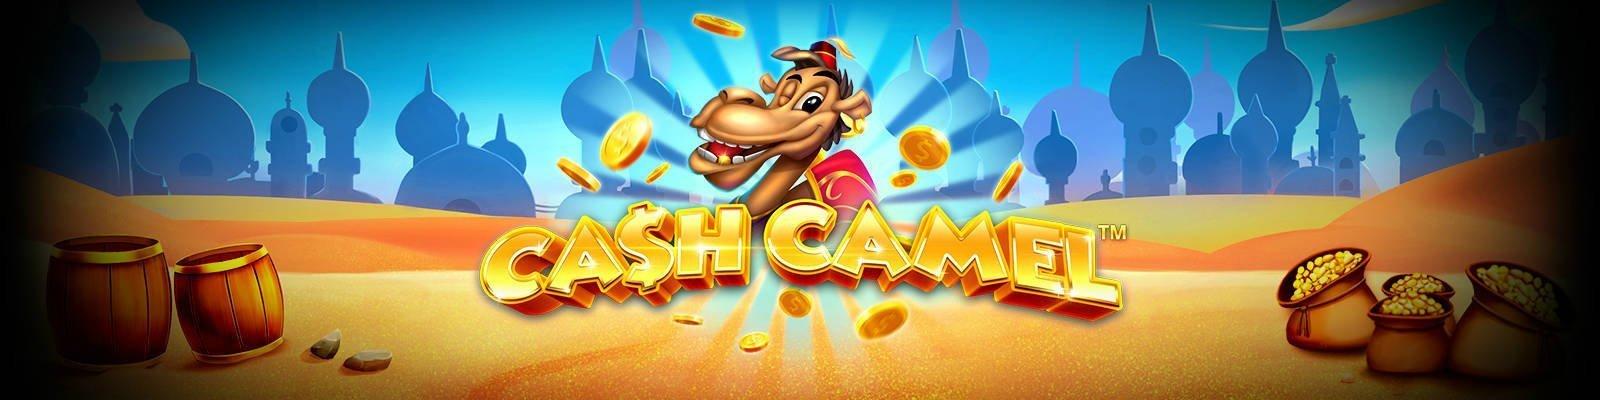 Cash Camel spel